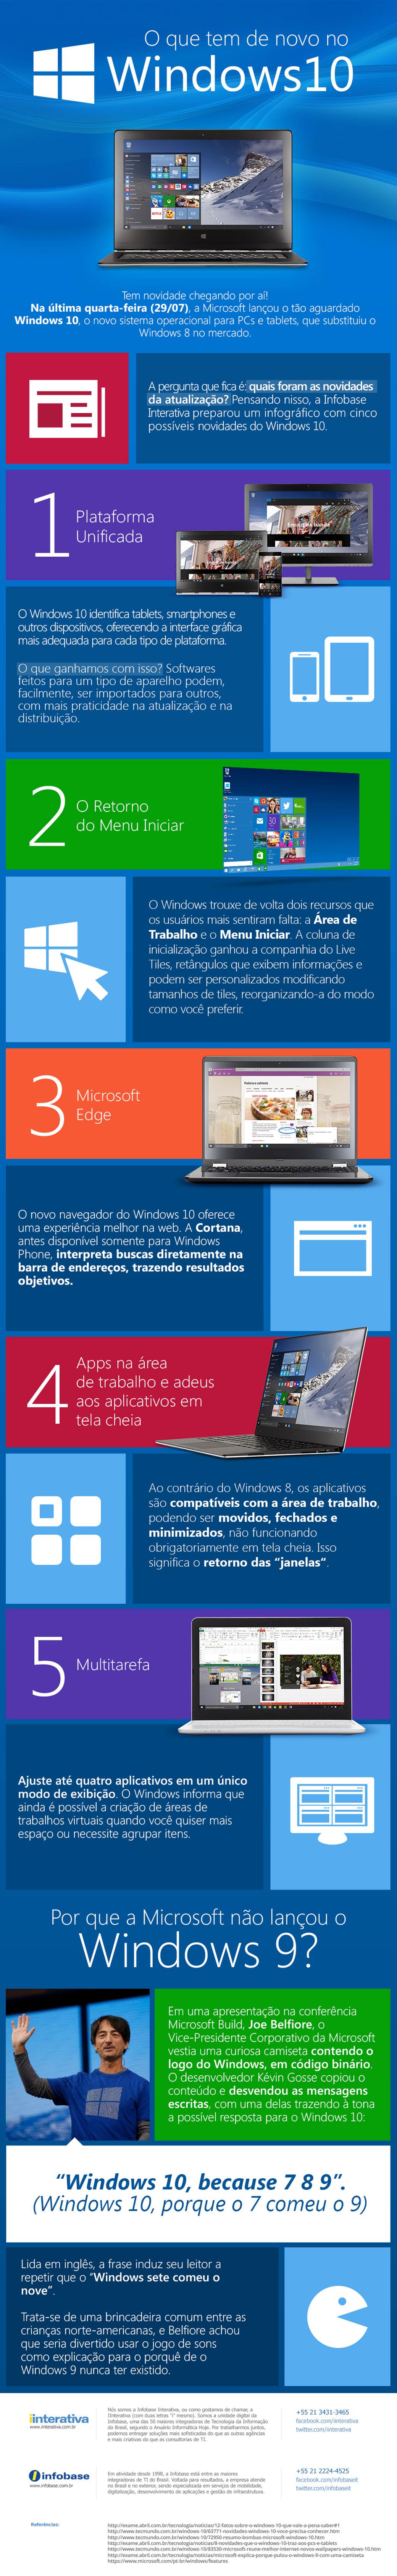 O que há de novo no Windows 10? [infográfico]